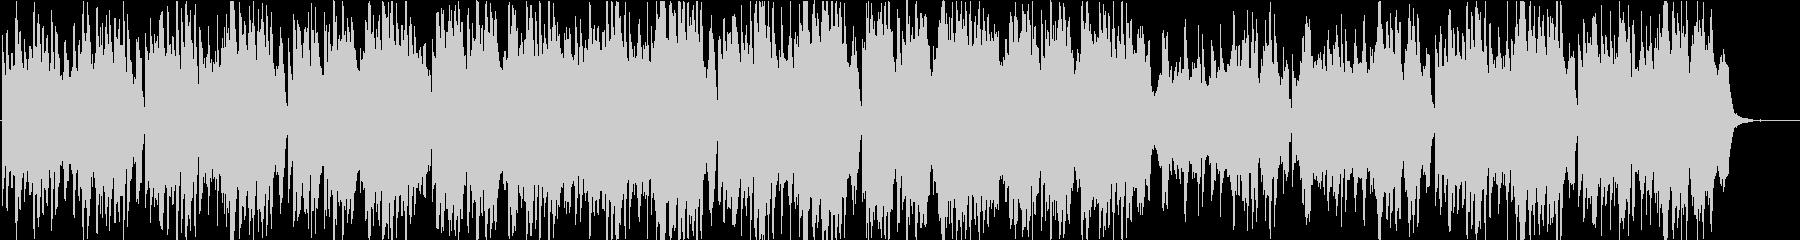 クラシック楽器。 JSバッハのスタ...の未再生の波形